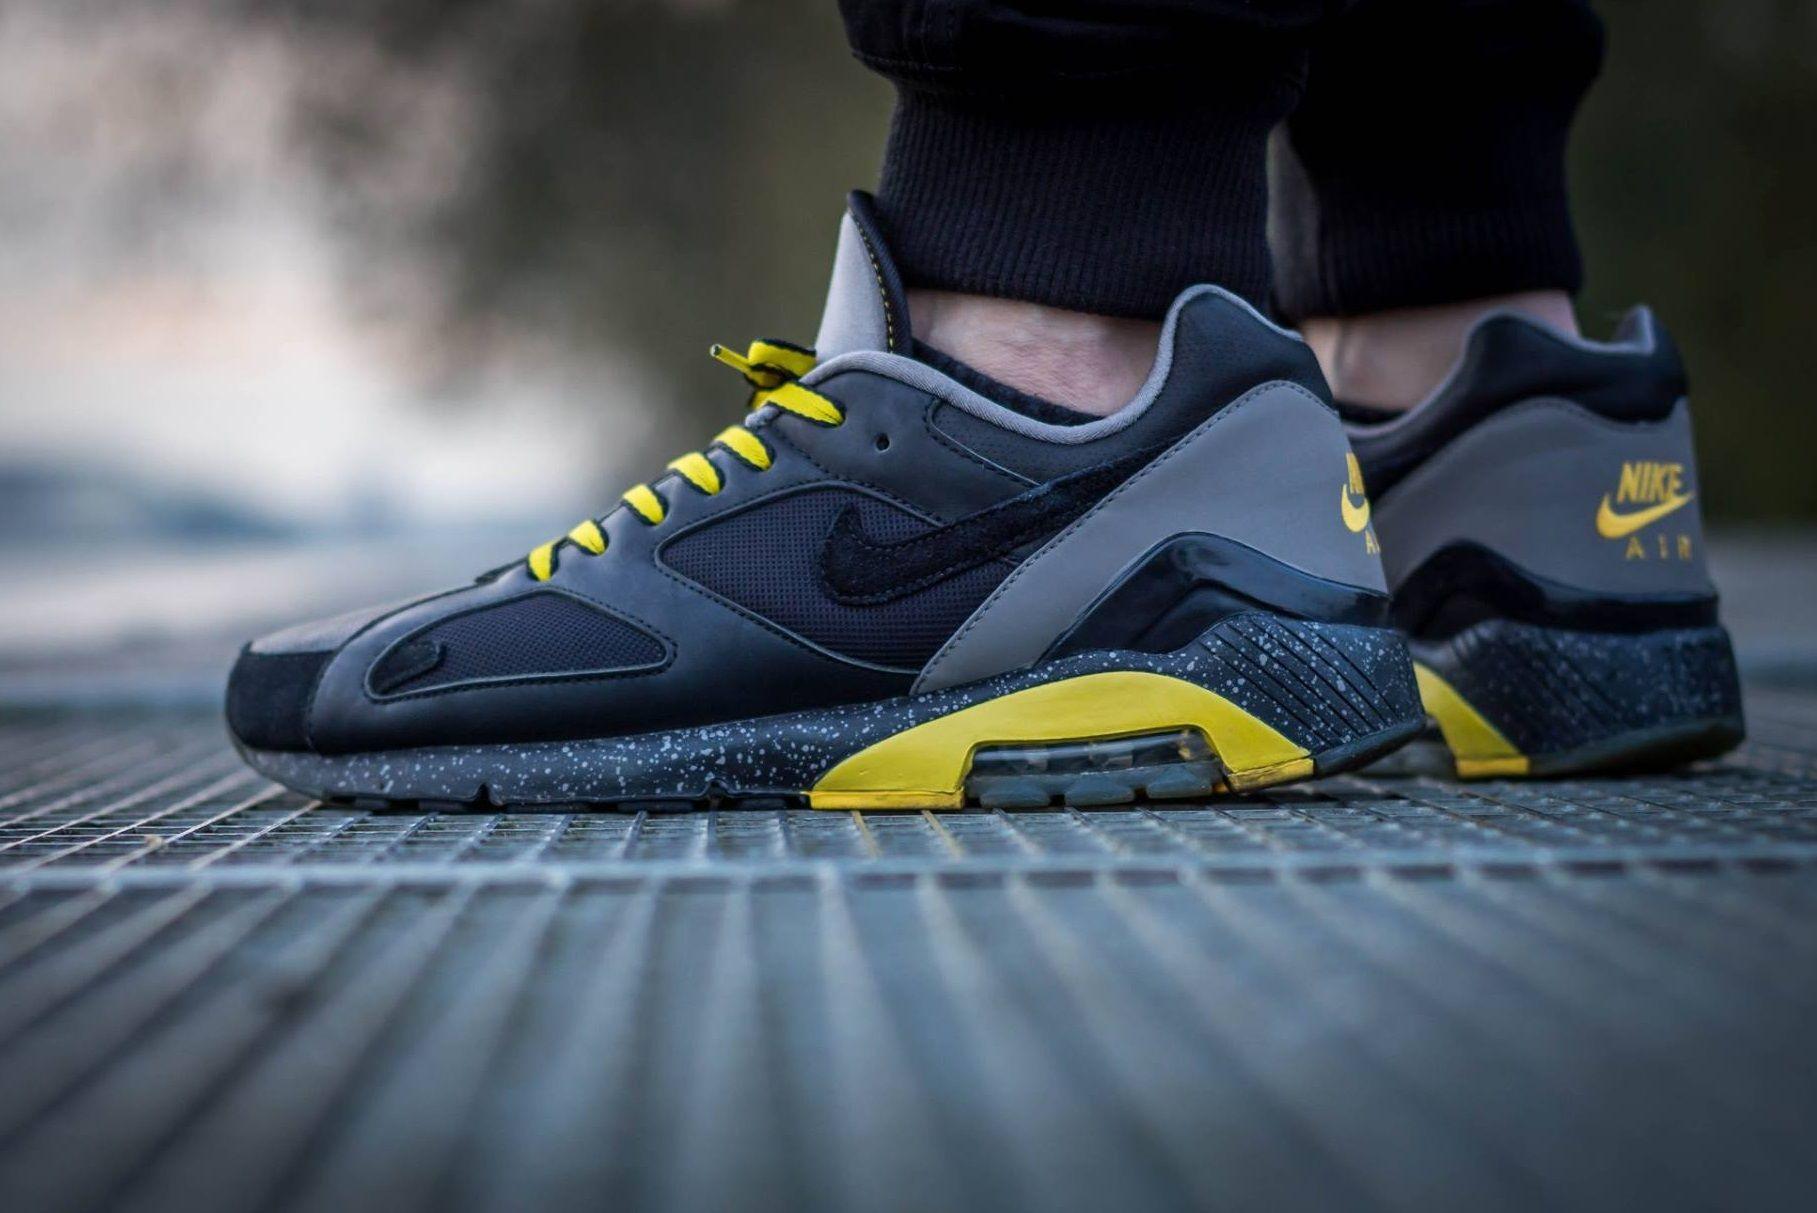 Nike Air Max 180 'Livestrong'